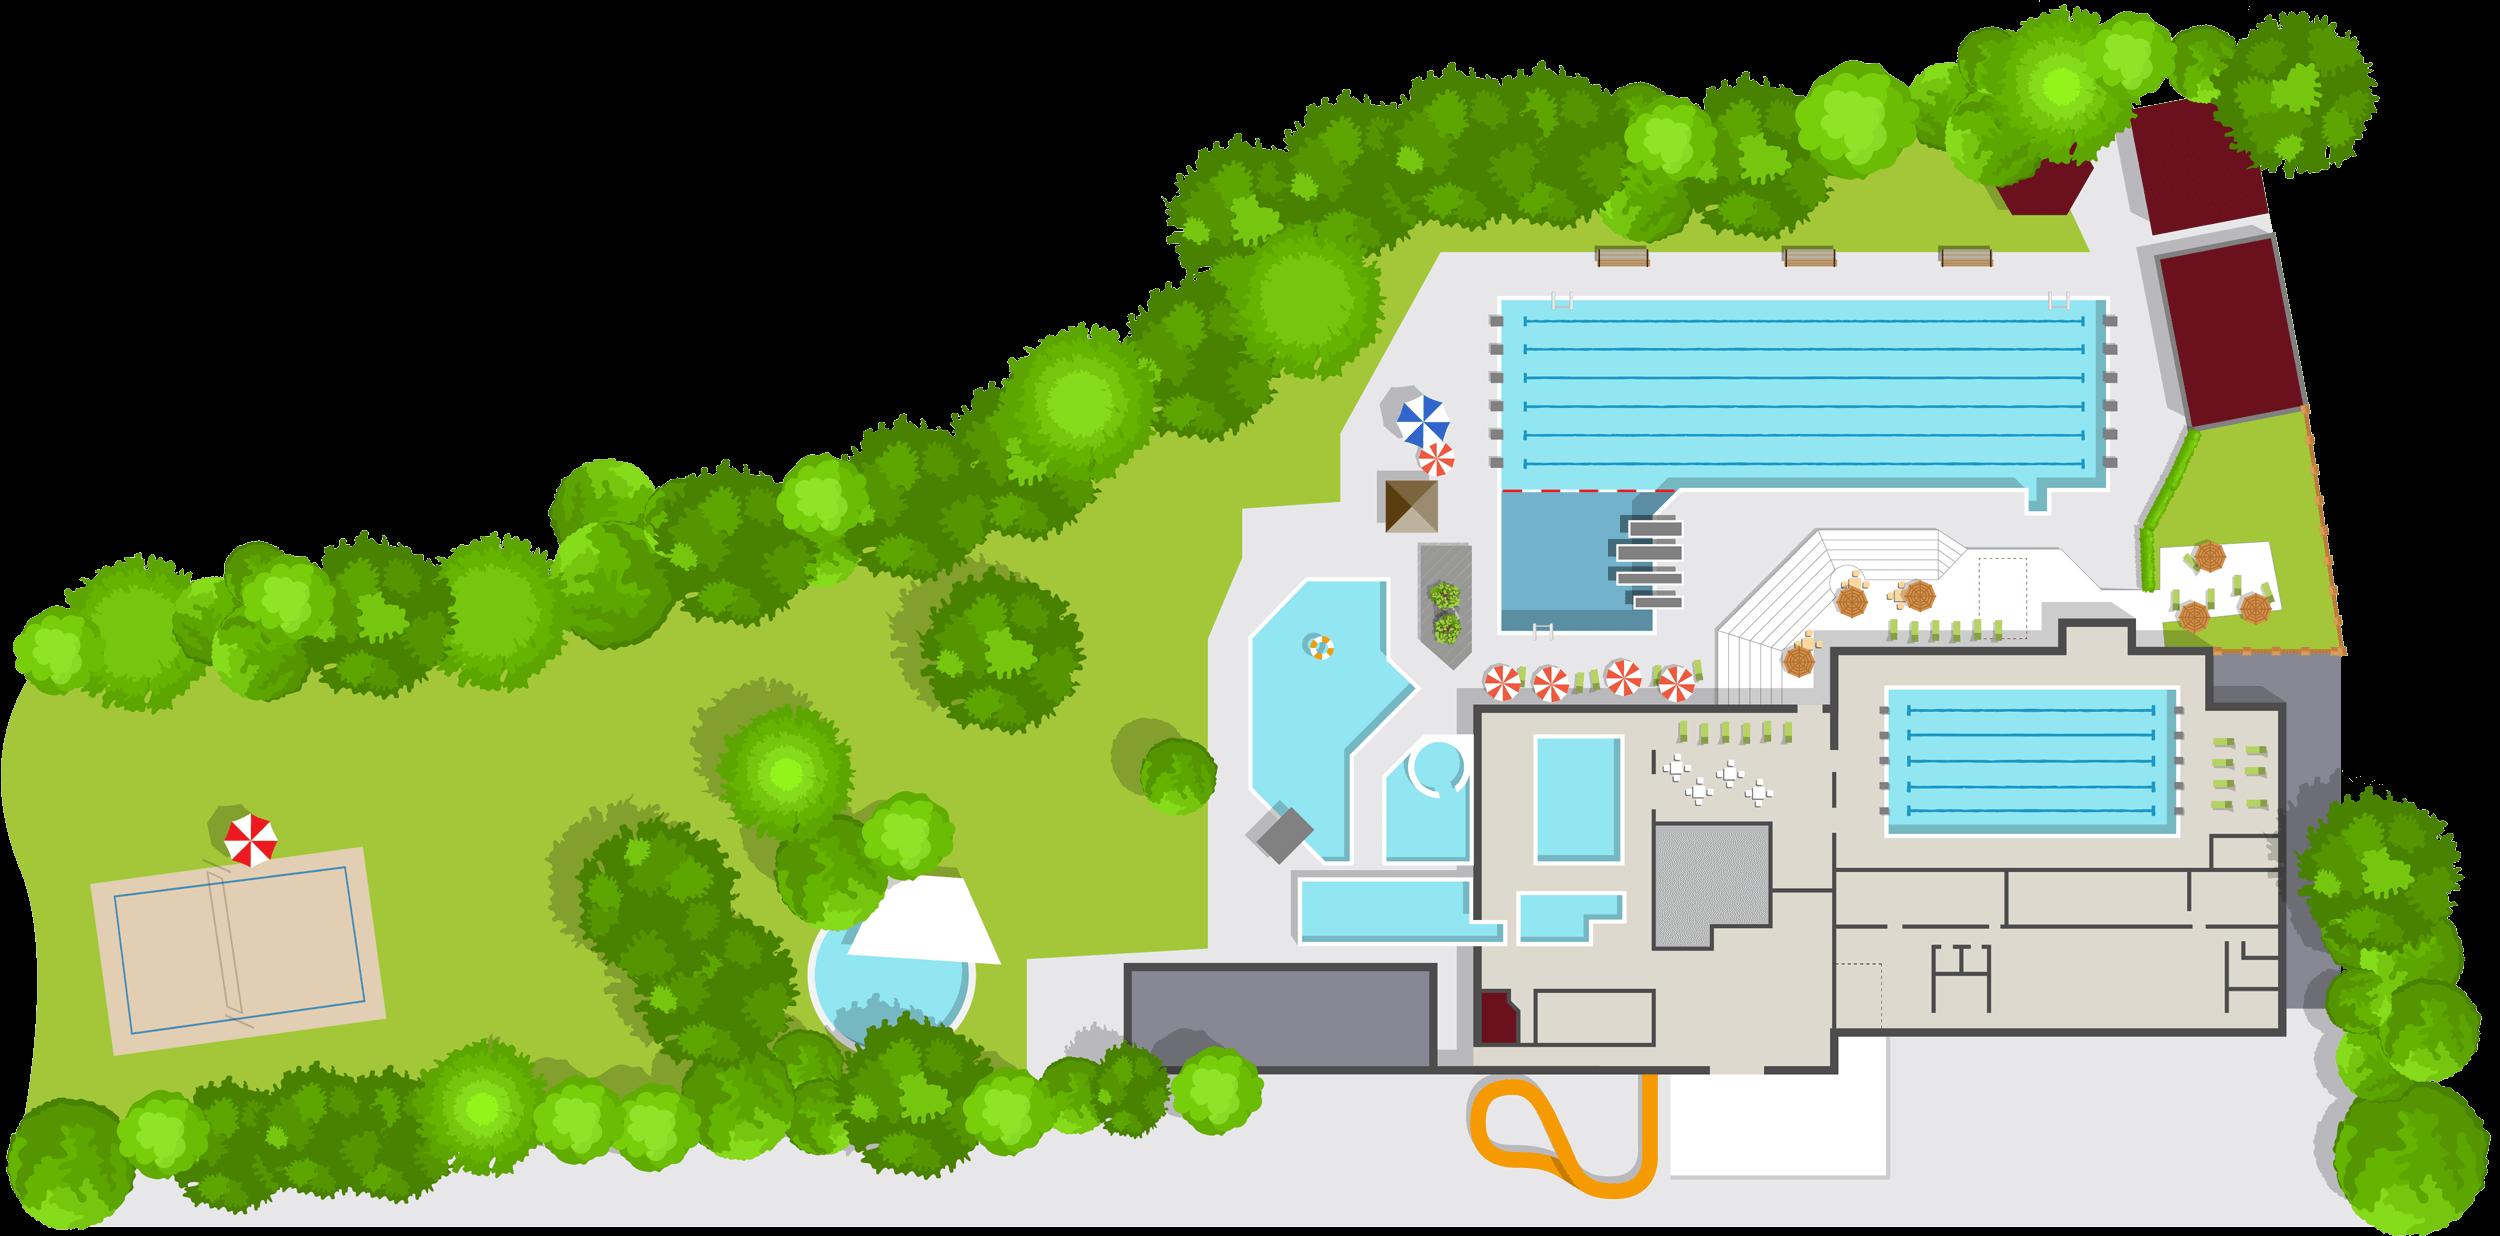 Plan des Geomaris mit den verschiedenen Becken